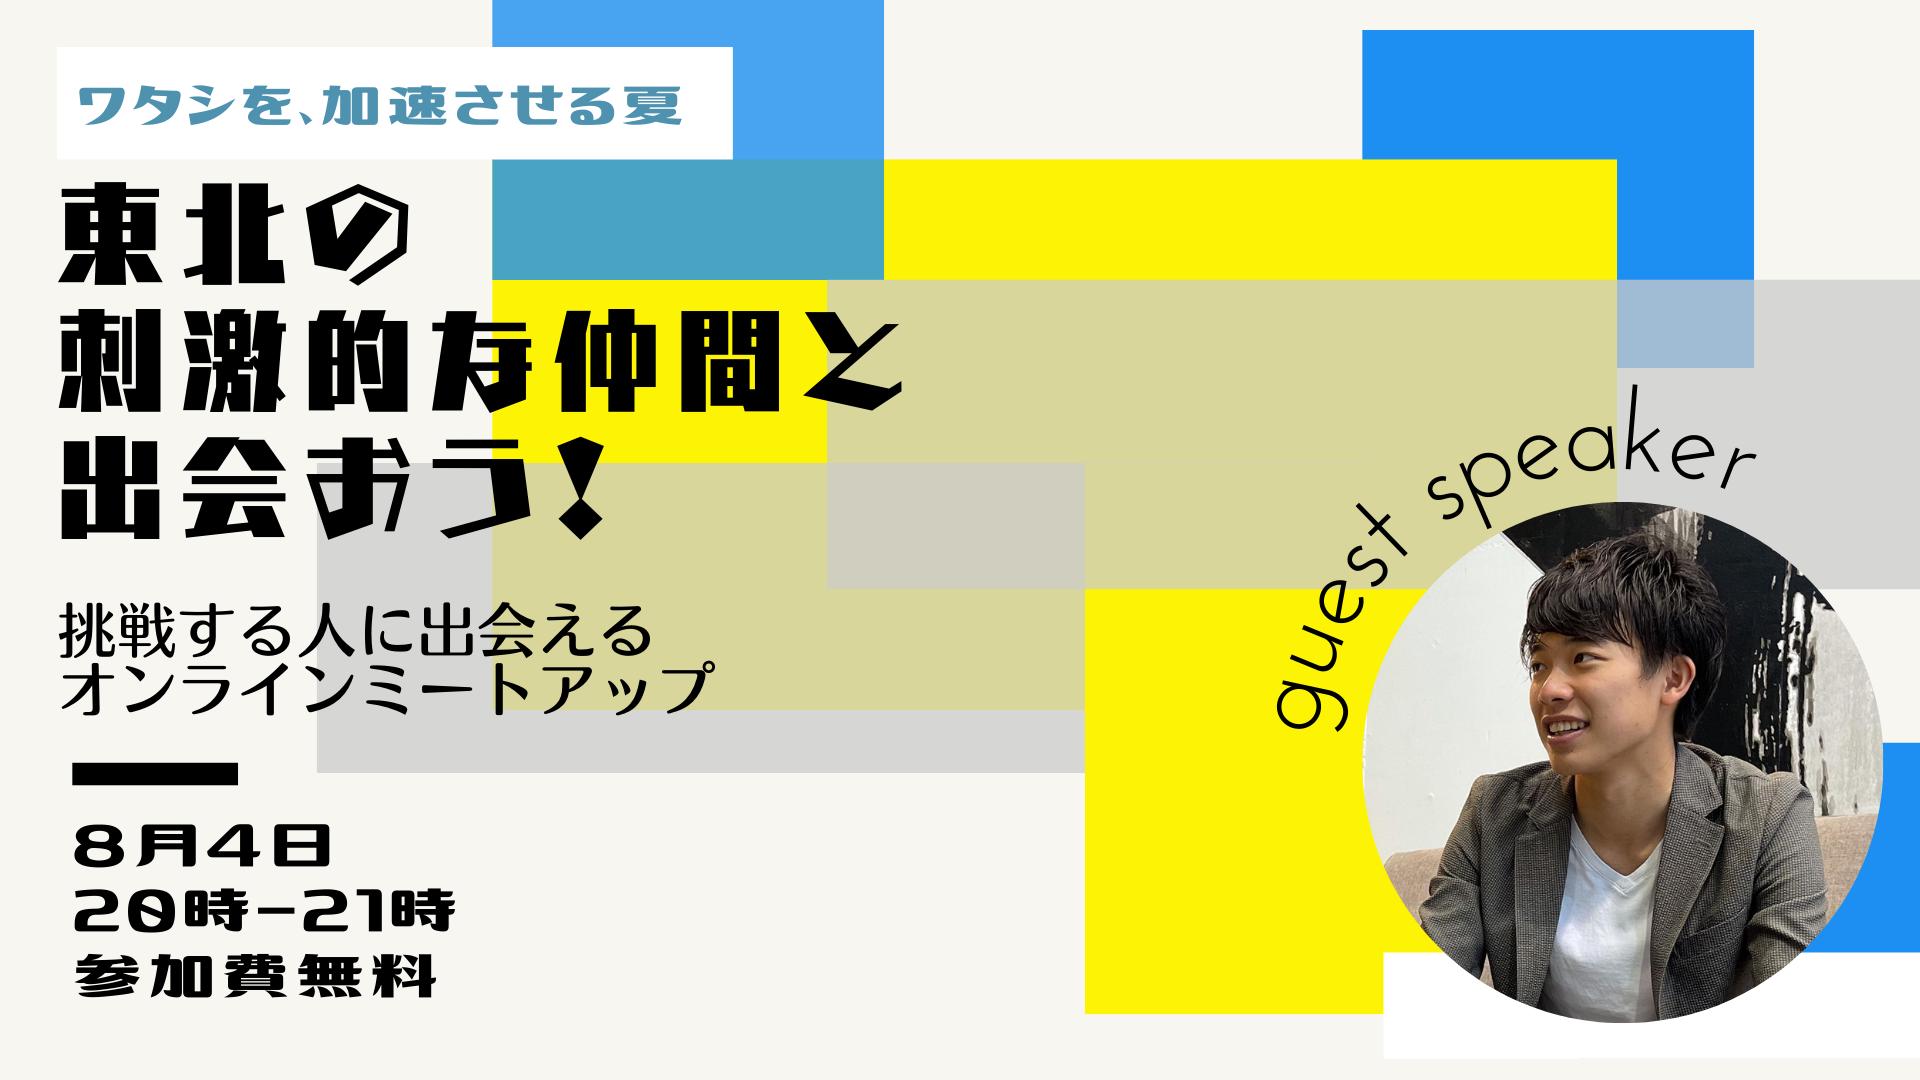 【オンライン】東北の刺激的な仲間と出会おう! 挑戦する人に出会えるミートアップ、ゲストは大川翔さん!